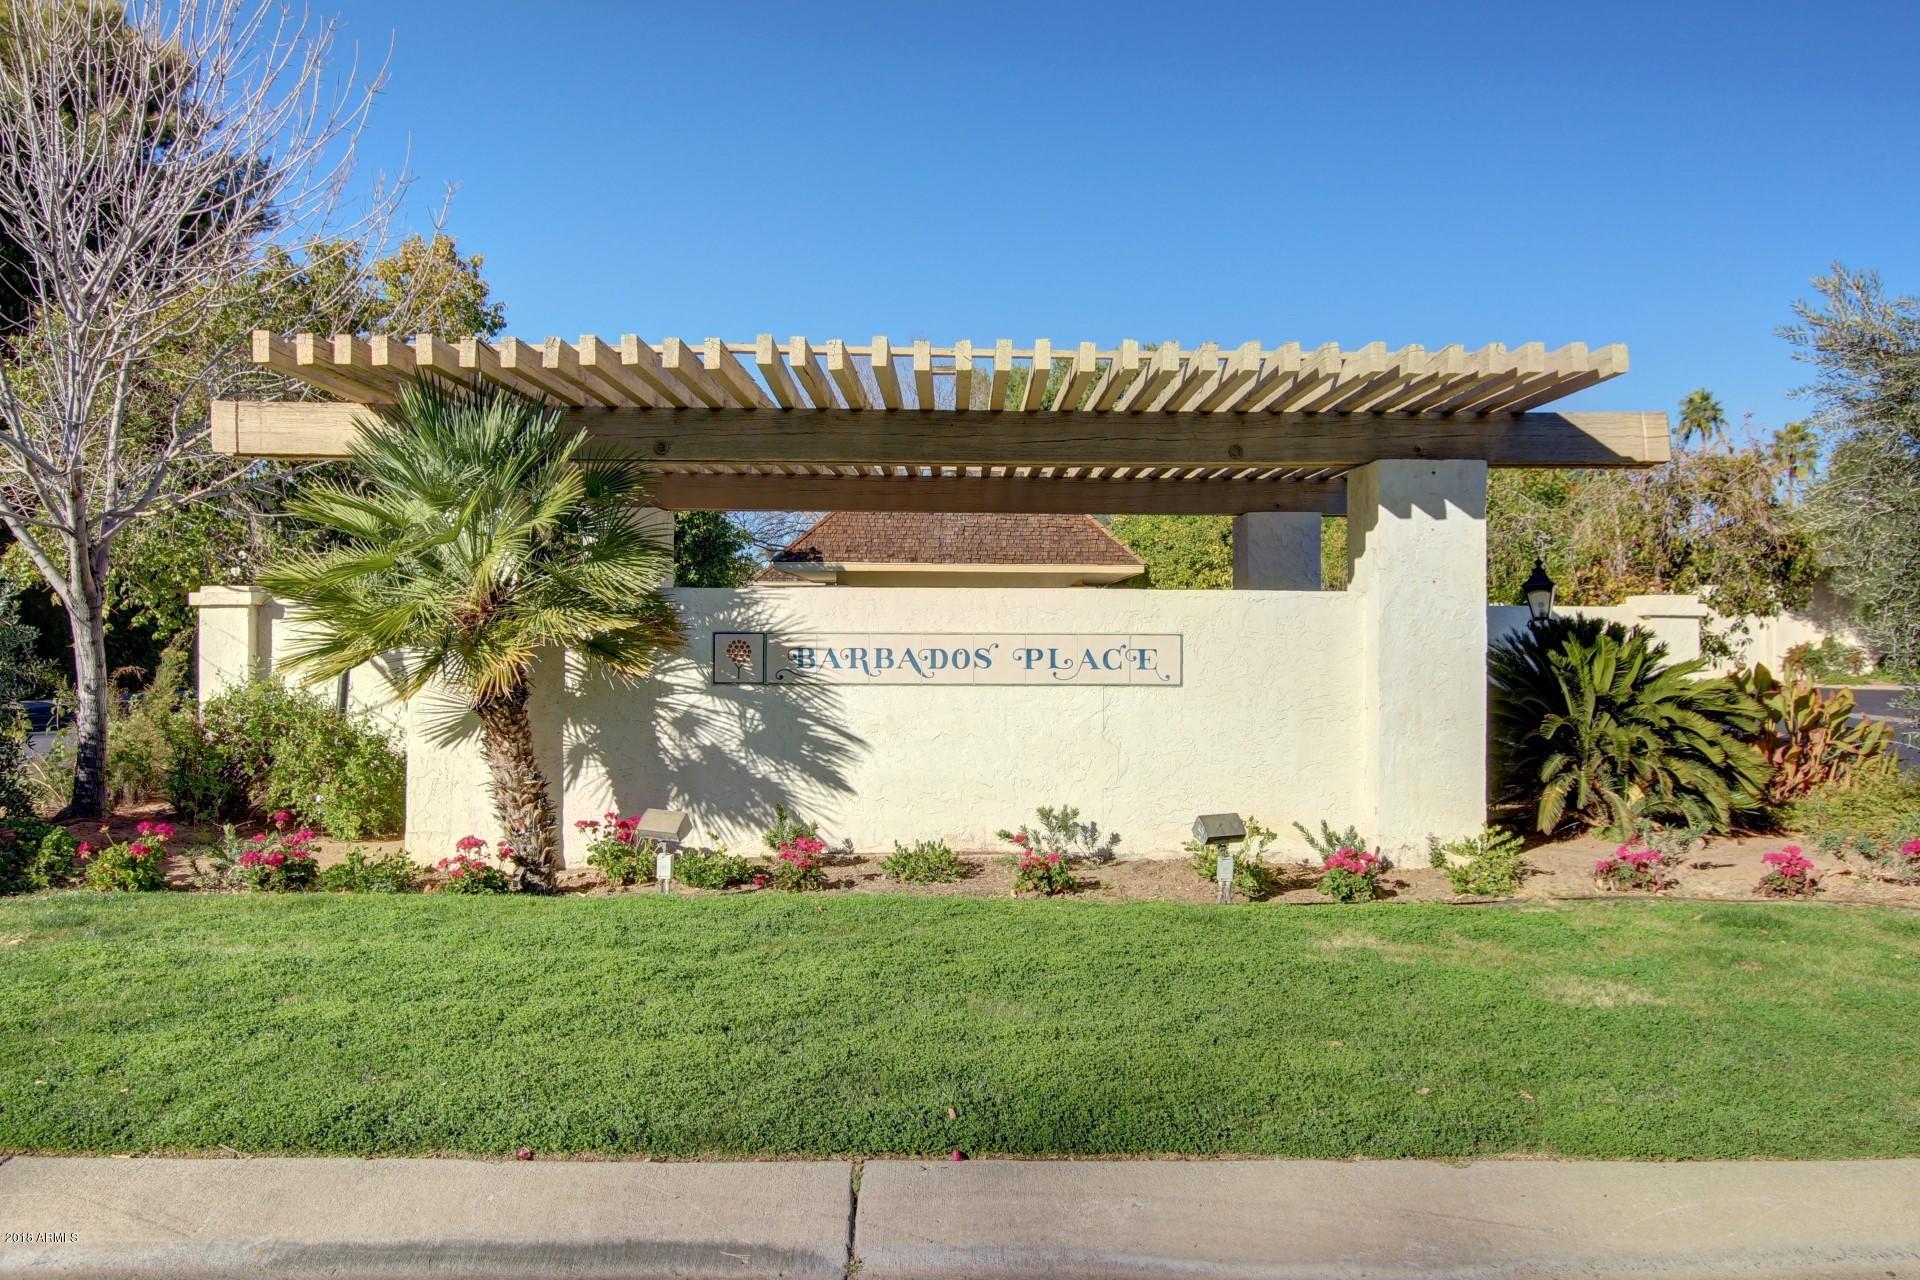 MLS 5715943 7008 N BARBADOS Place, Phoenix, AZ Phoenix AZ Luxury